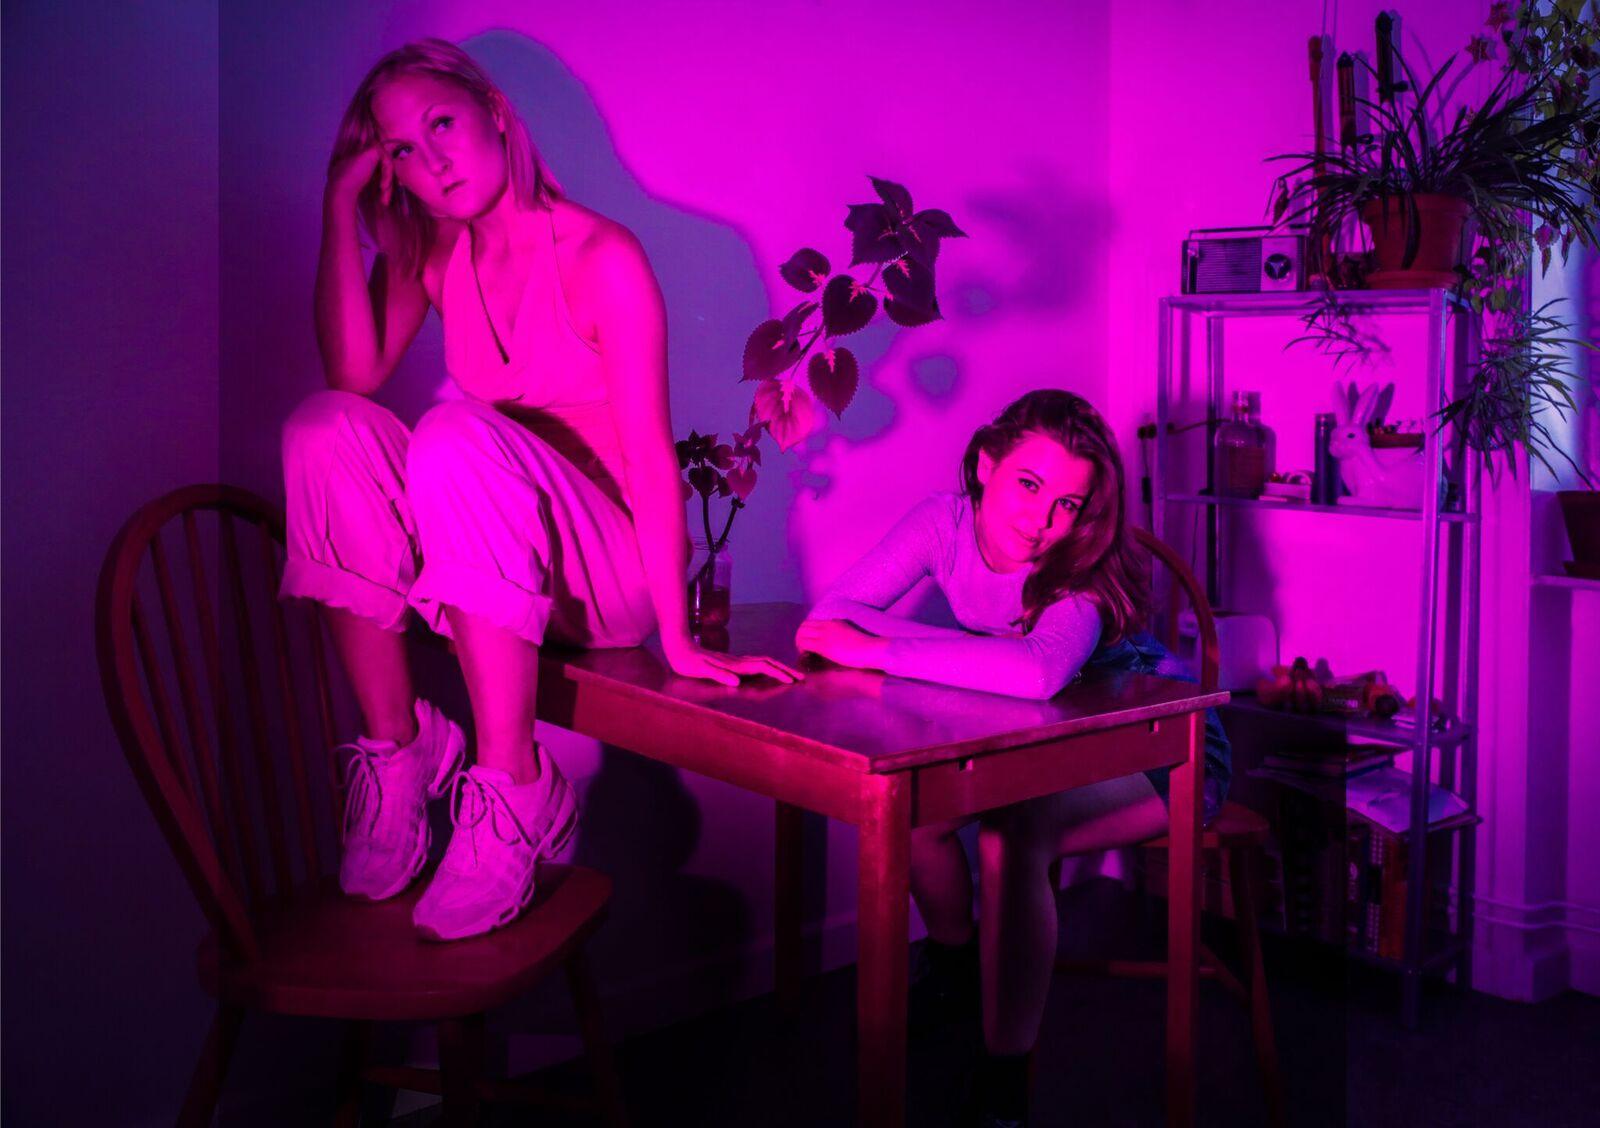 Pilvi Kekkonen ja Ella Jaakkola ovat työkavereita ja parhaita ystäviä. Kuva: Tuva Björk ja Sally Jacobson, editointi Fabian Rosenberg.